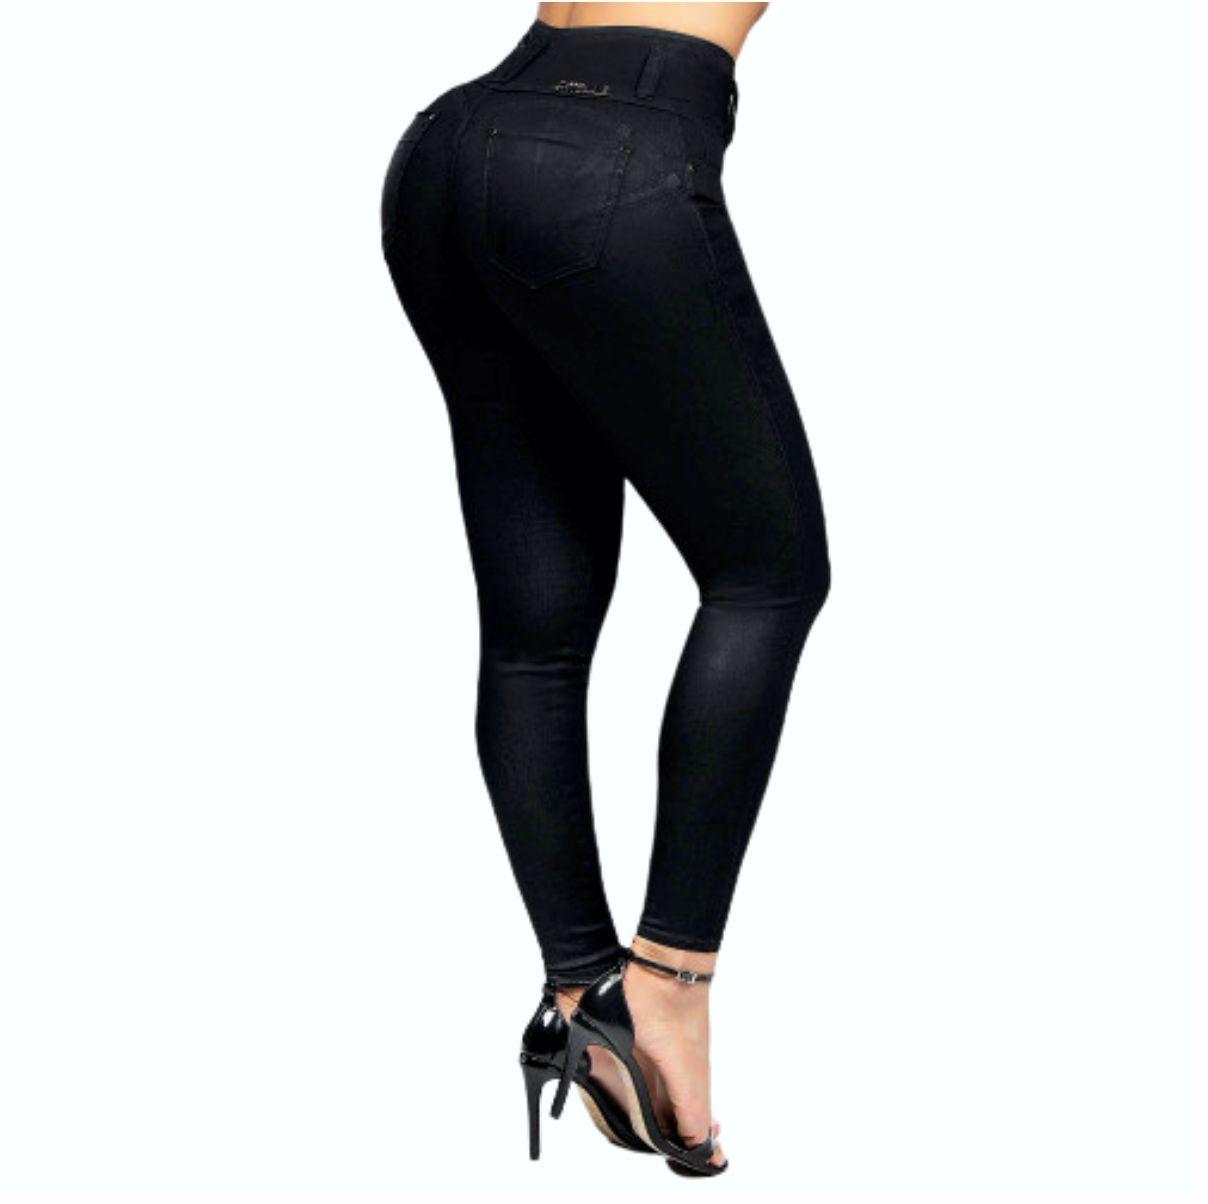 Calça Skinny Jeans Black Feminina Pit Bull